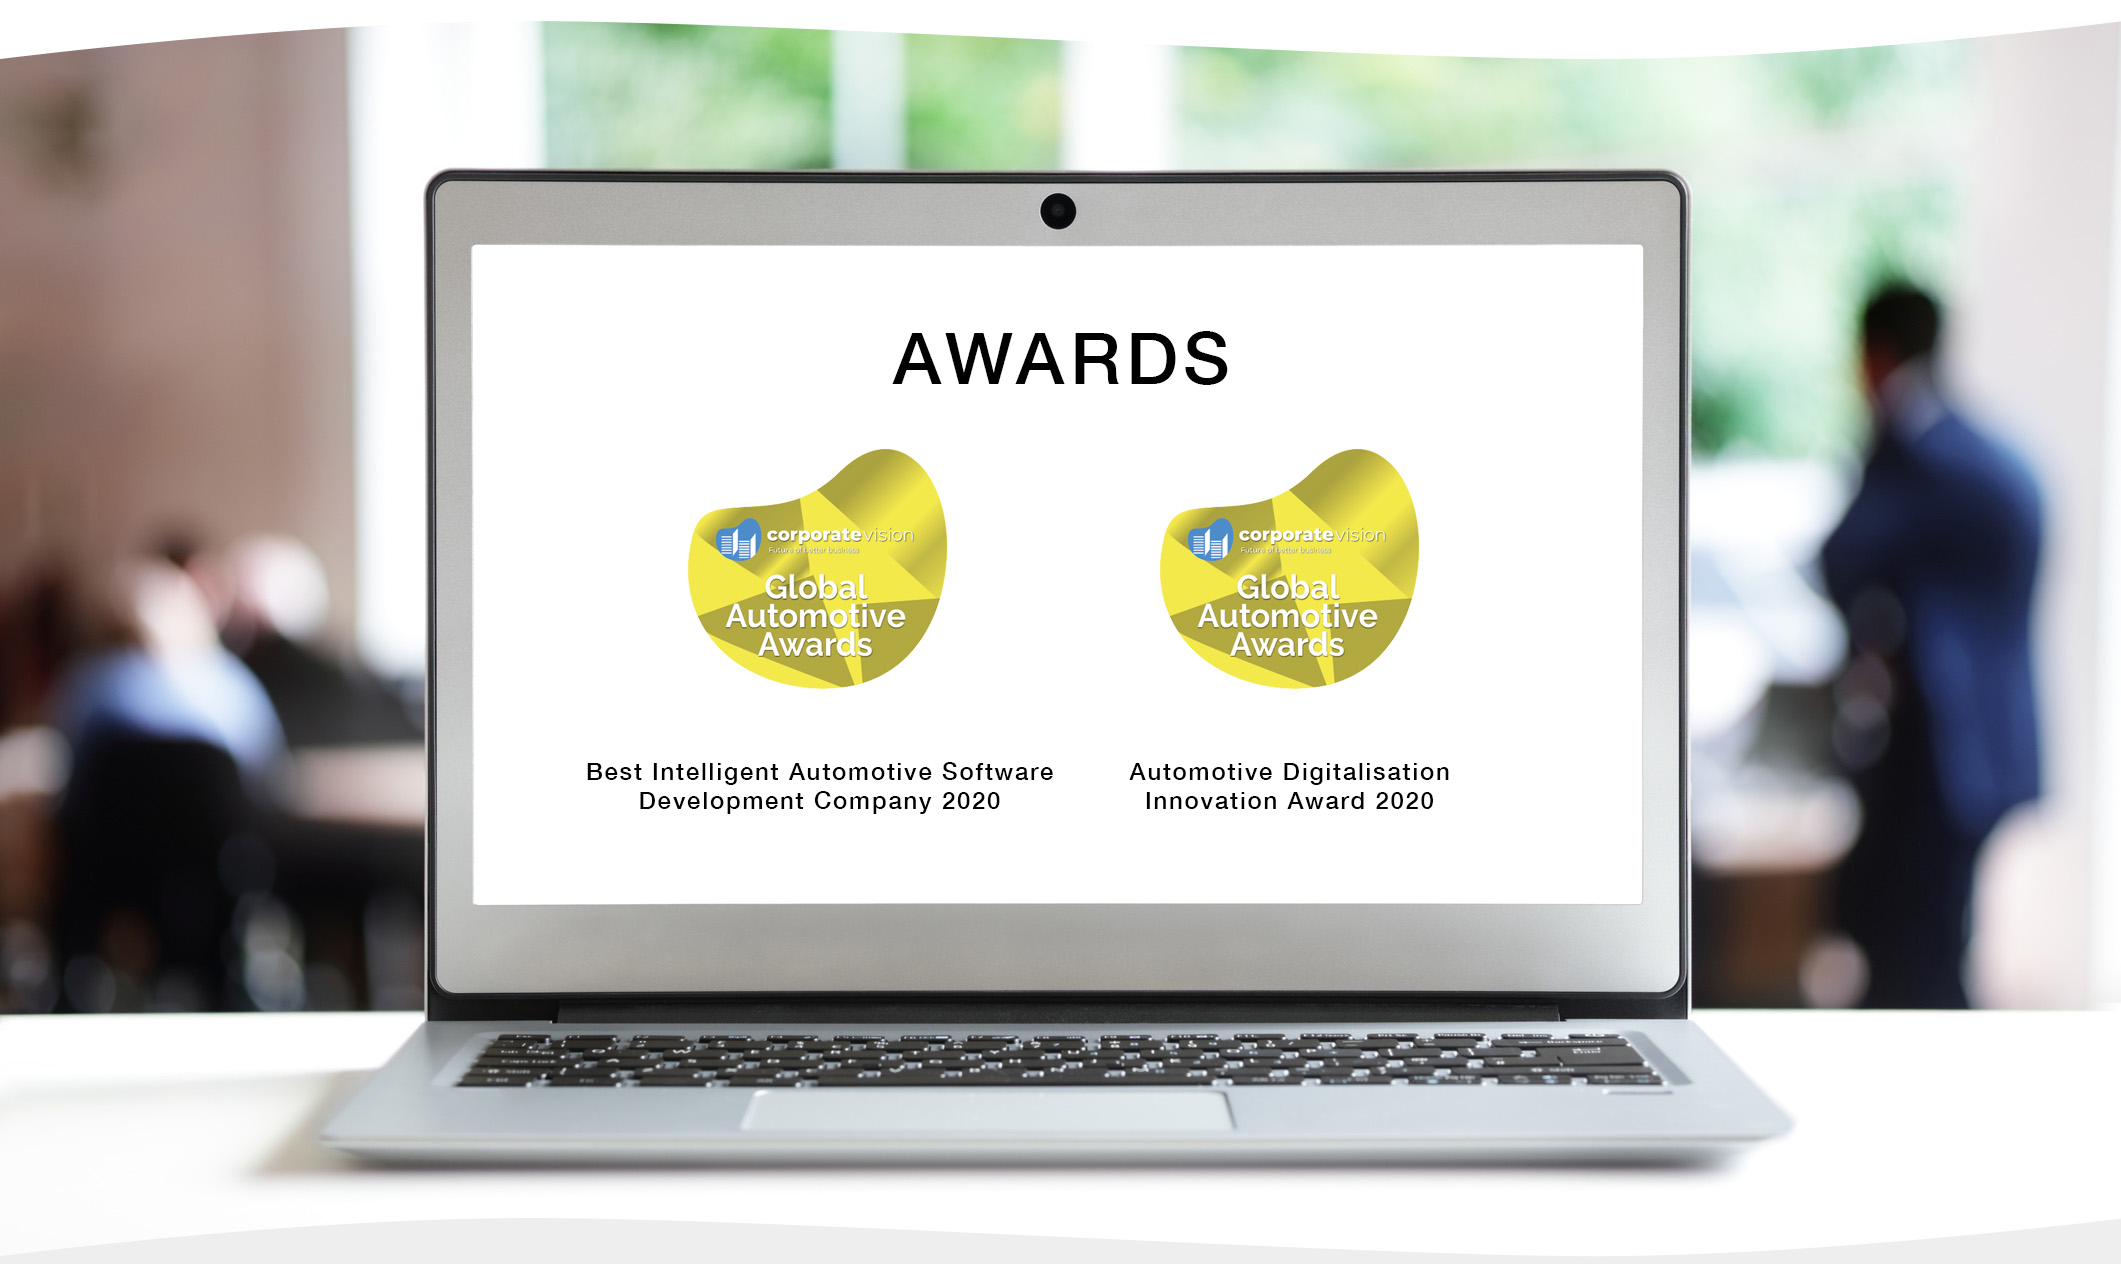 Calidat. awards